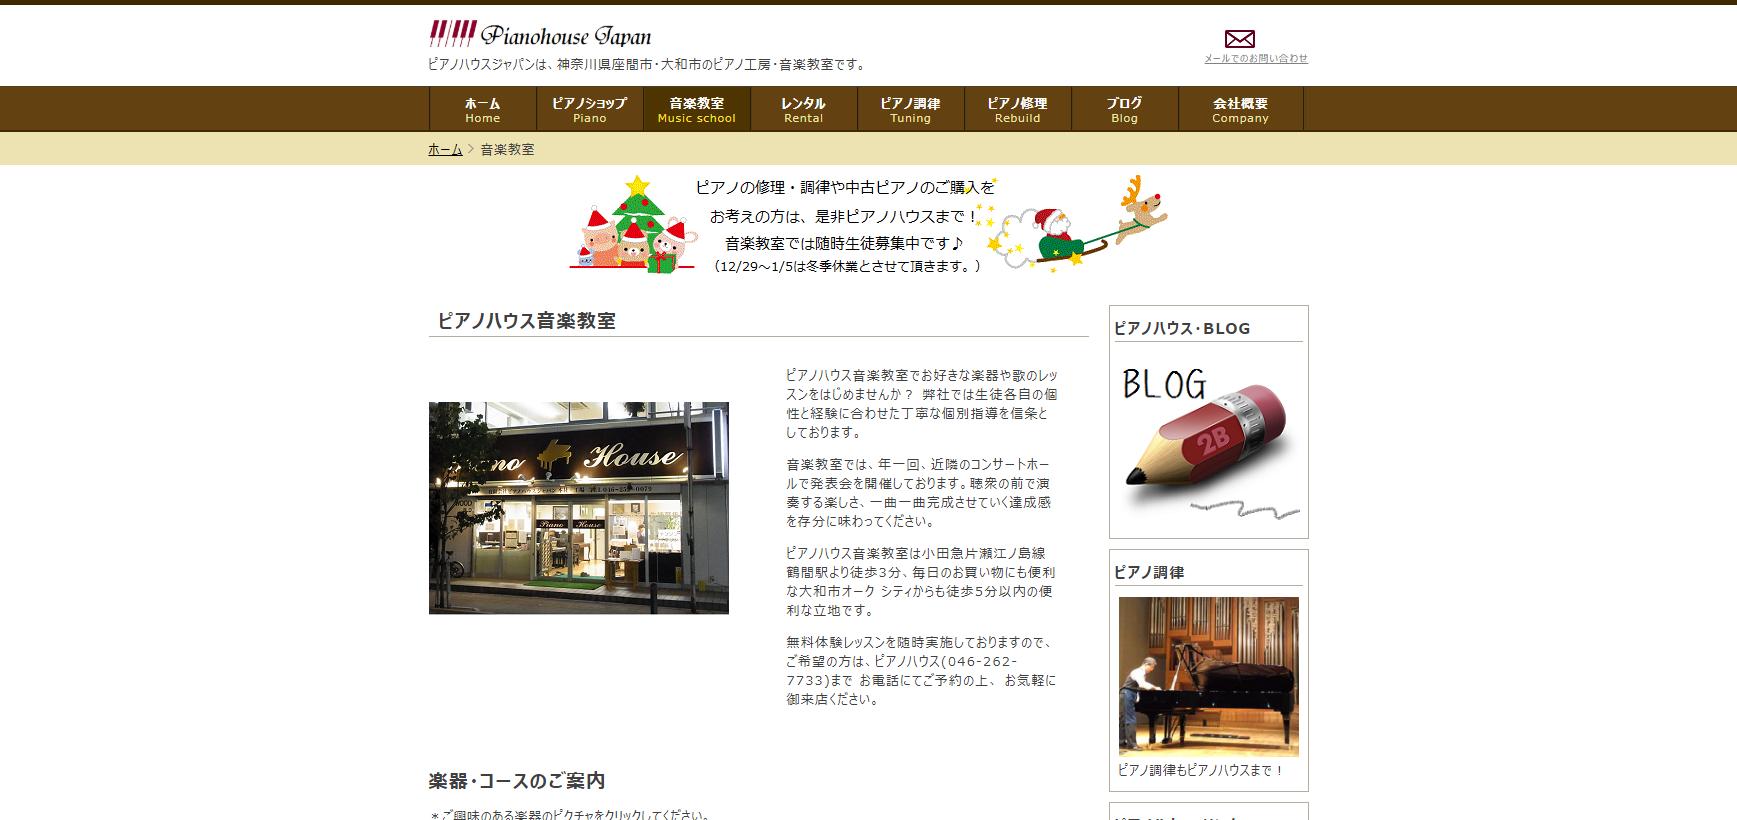 ピアノハウスジャパンのサムネイル